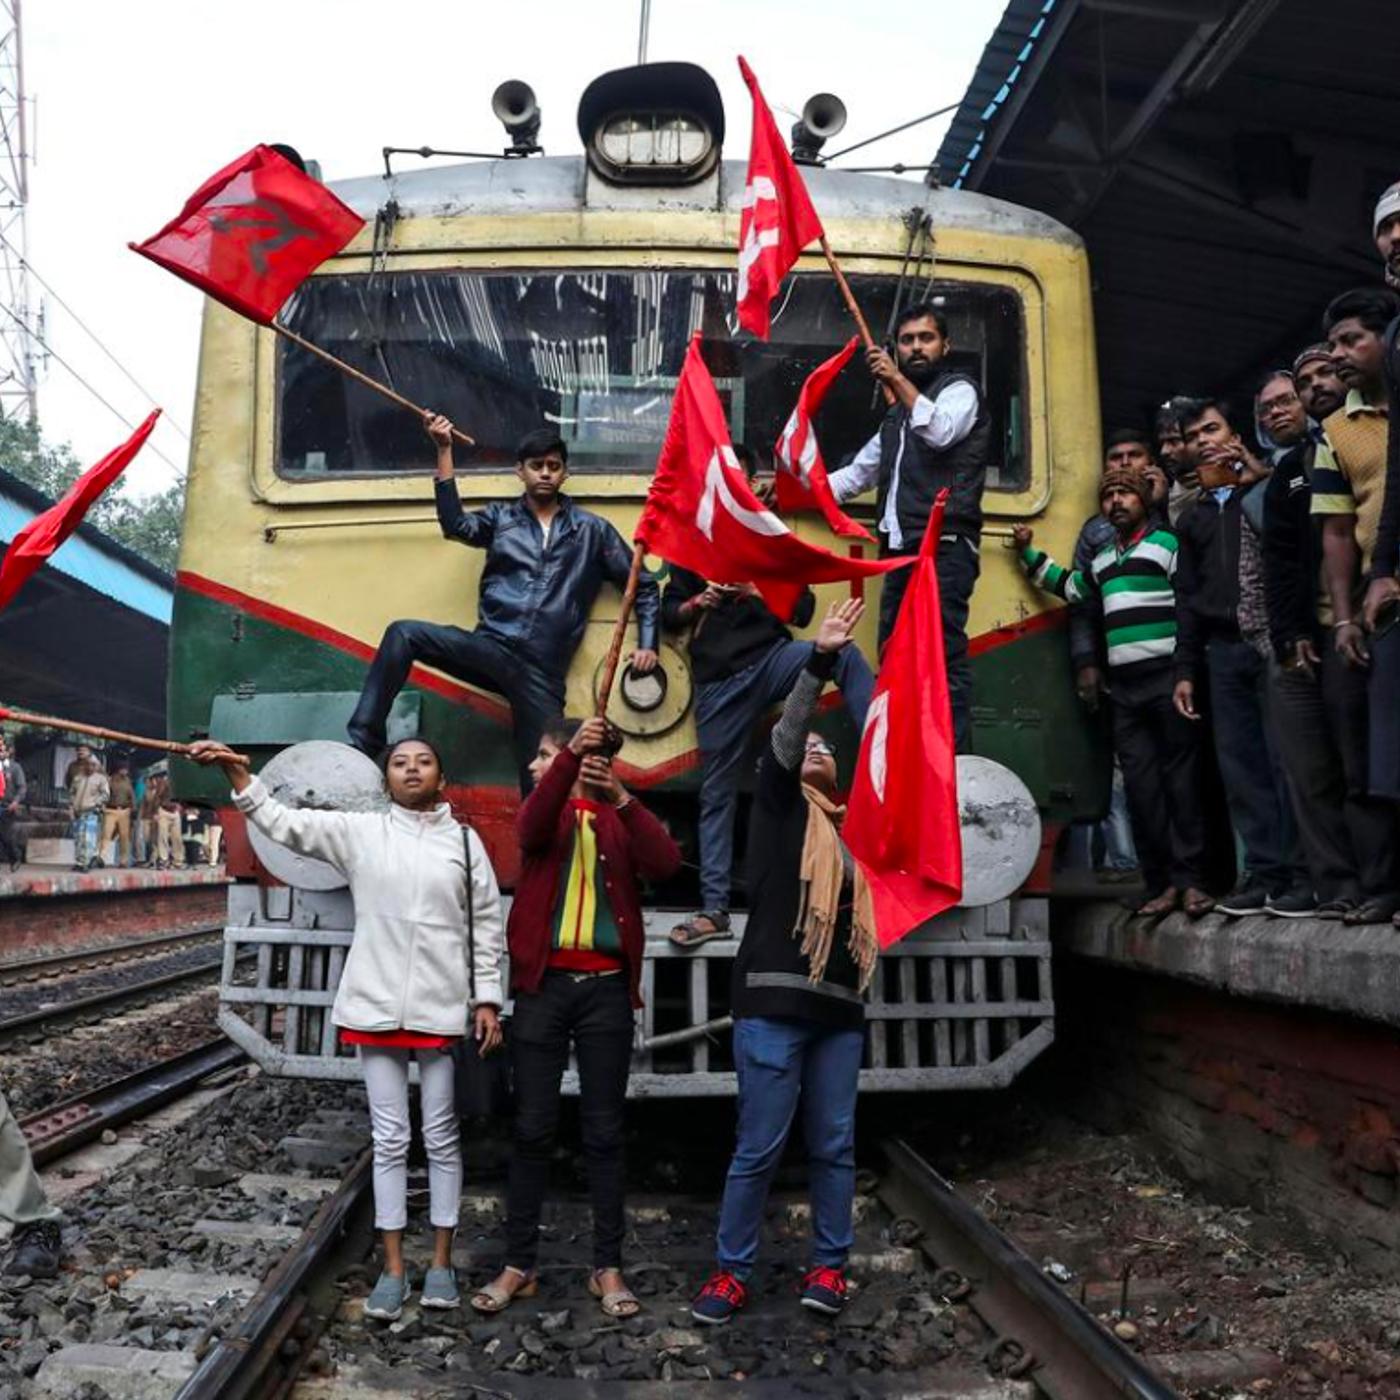 #17.1 Աշխարհի ցույցերը. Հնդկաստան (մաս 1)